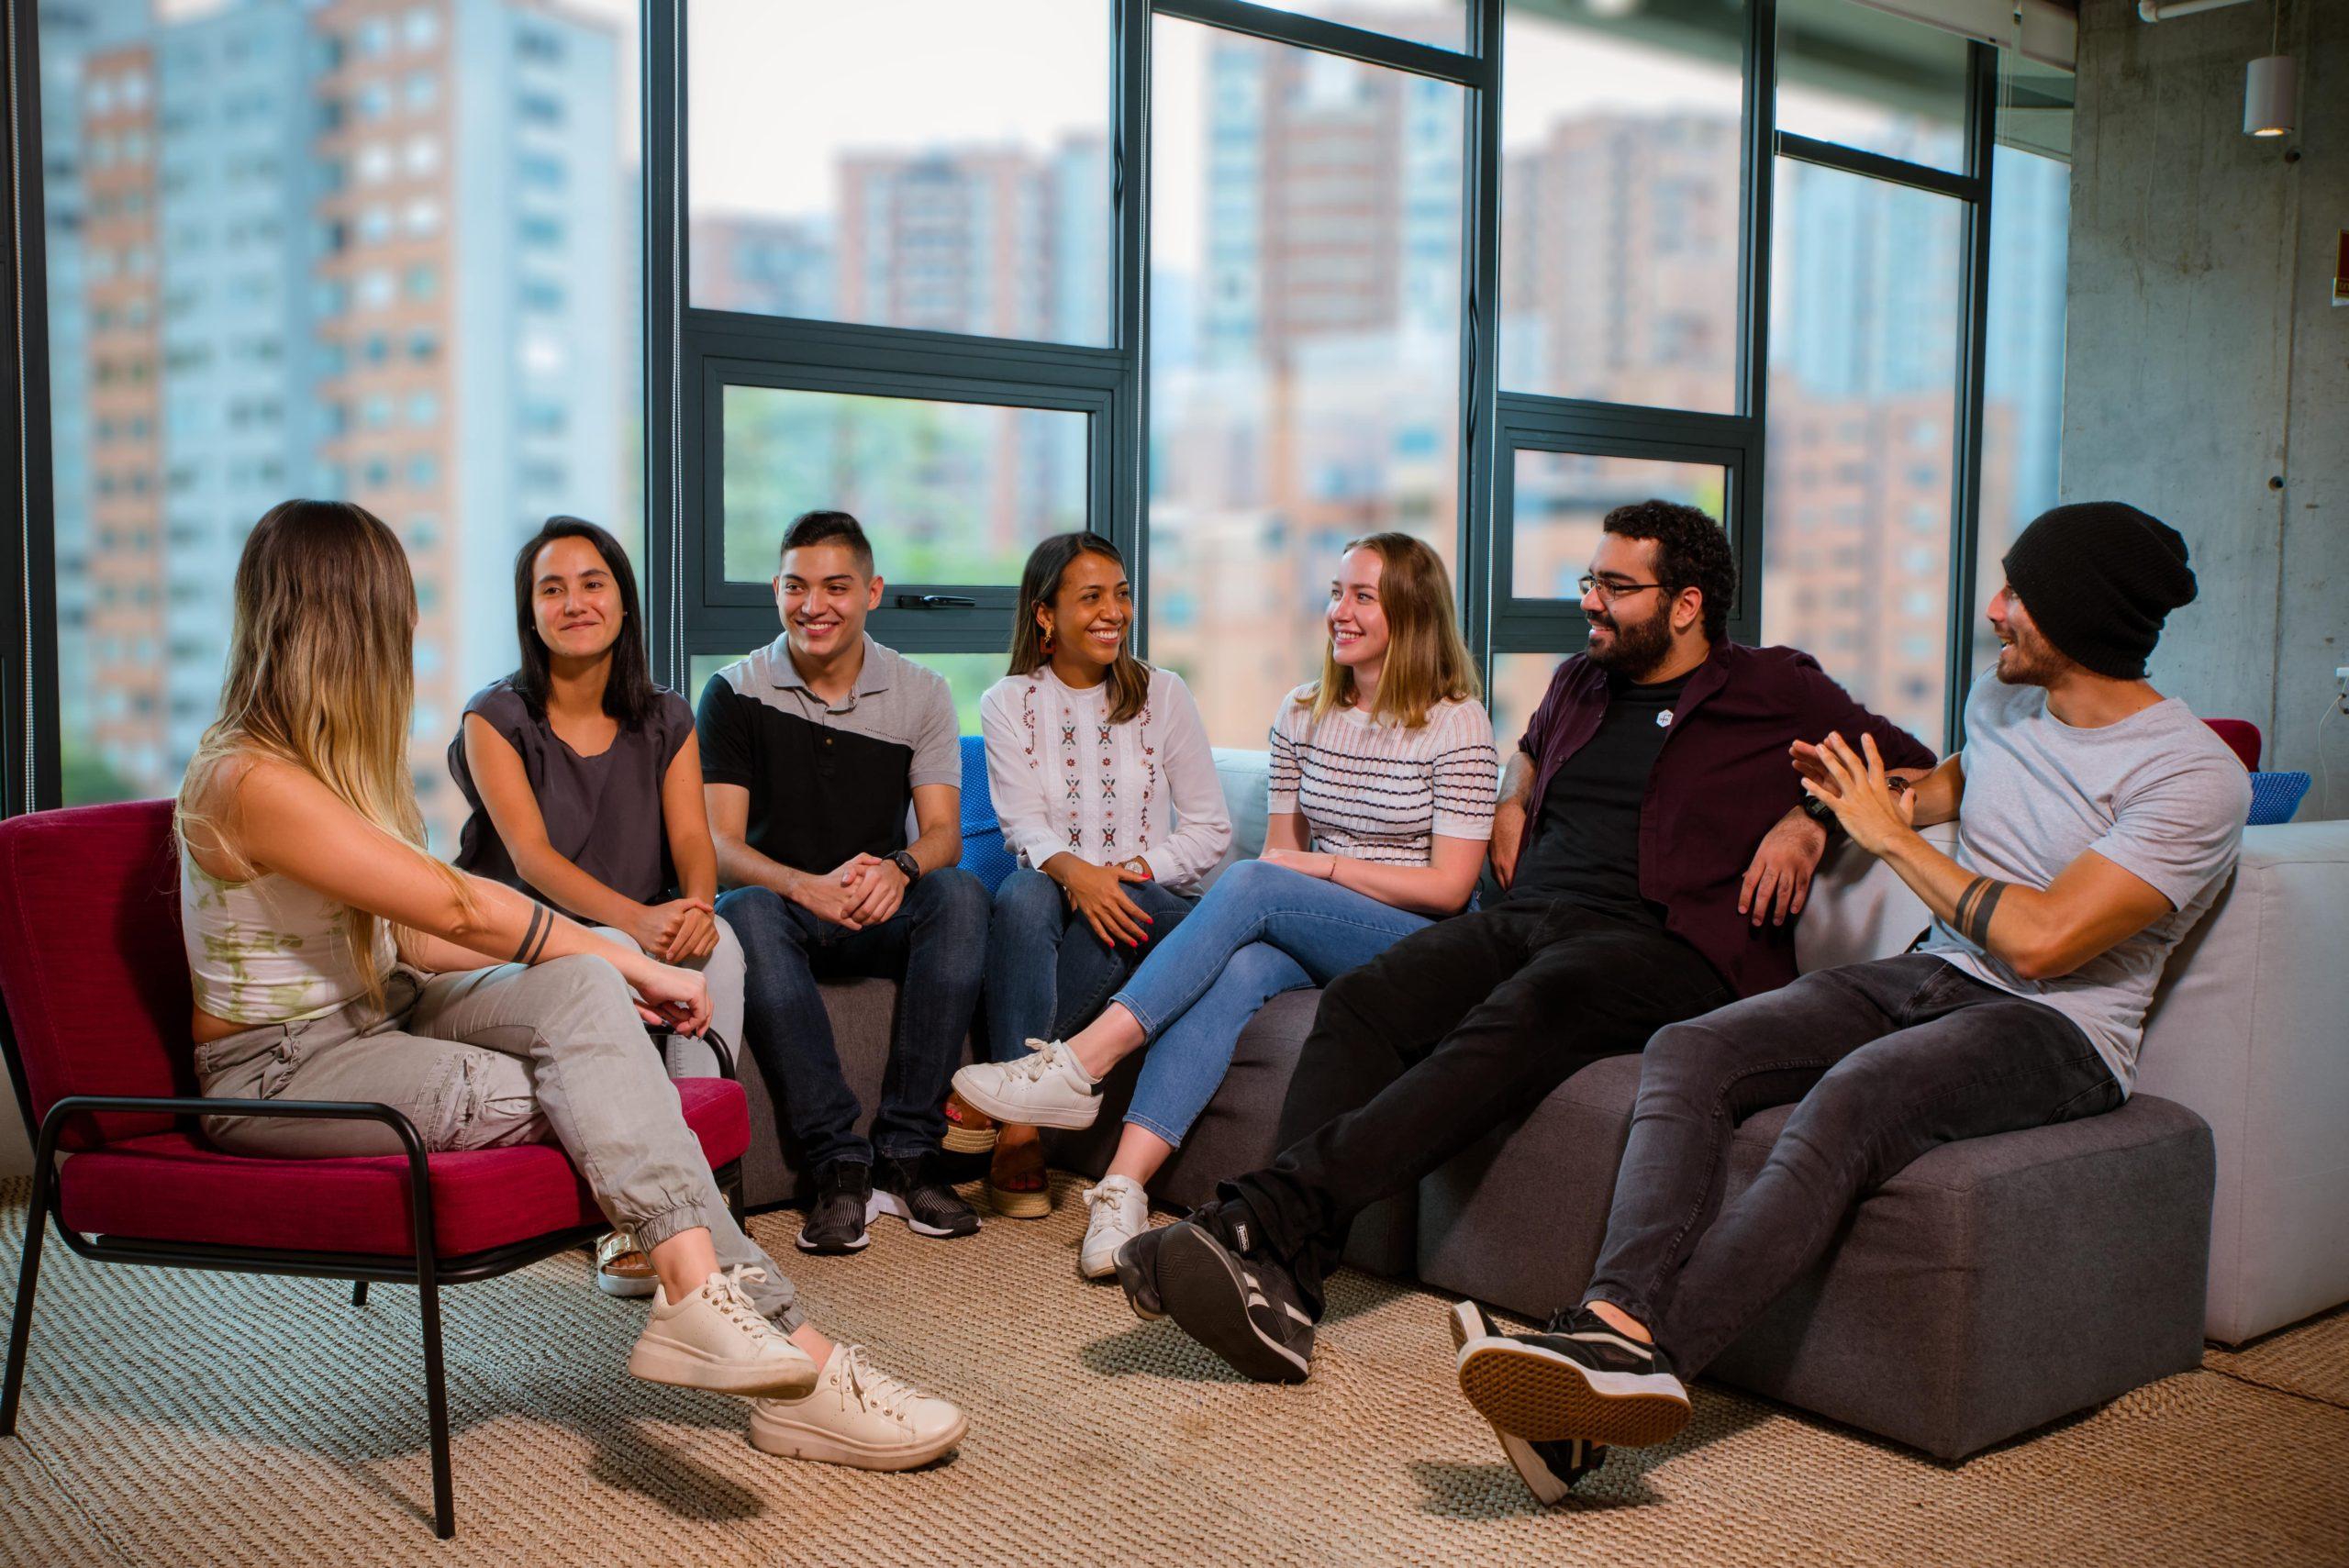 Team sat on sofa together talking